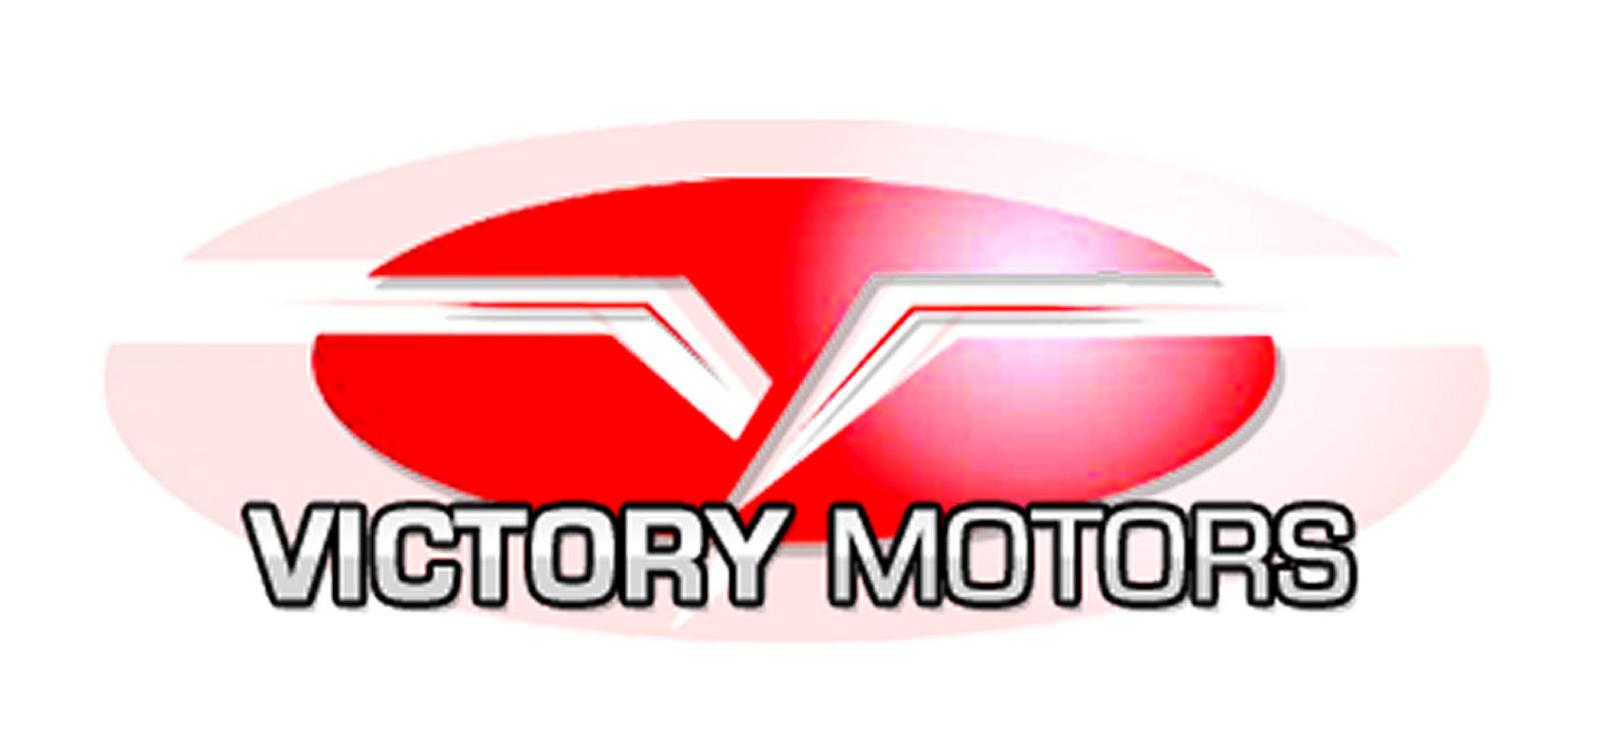 Victory Motors Of Craig Craig Co Reviews Deals